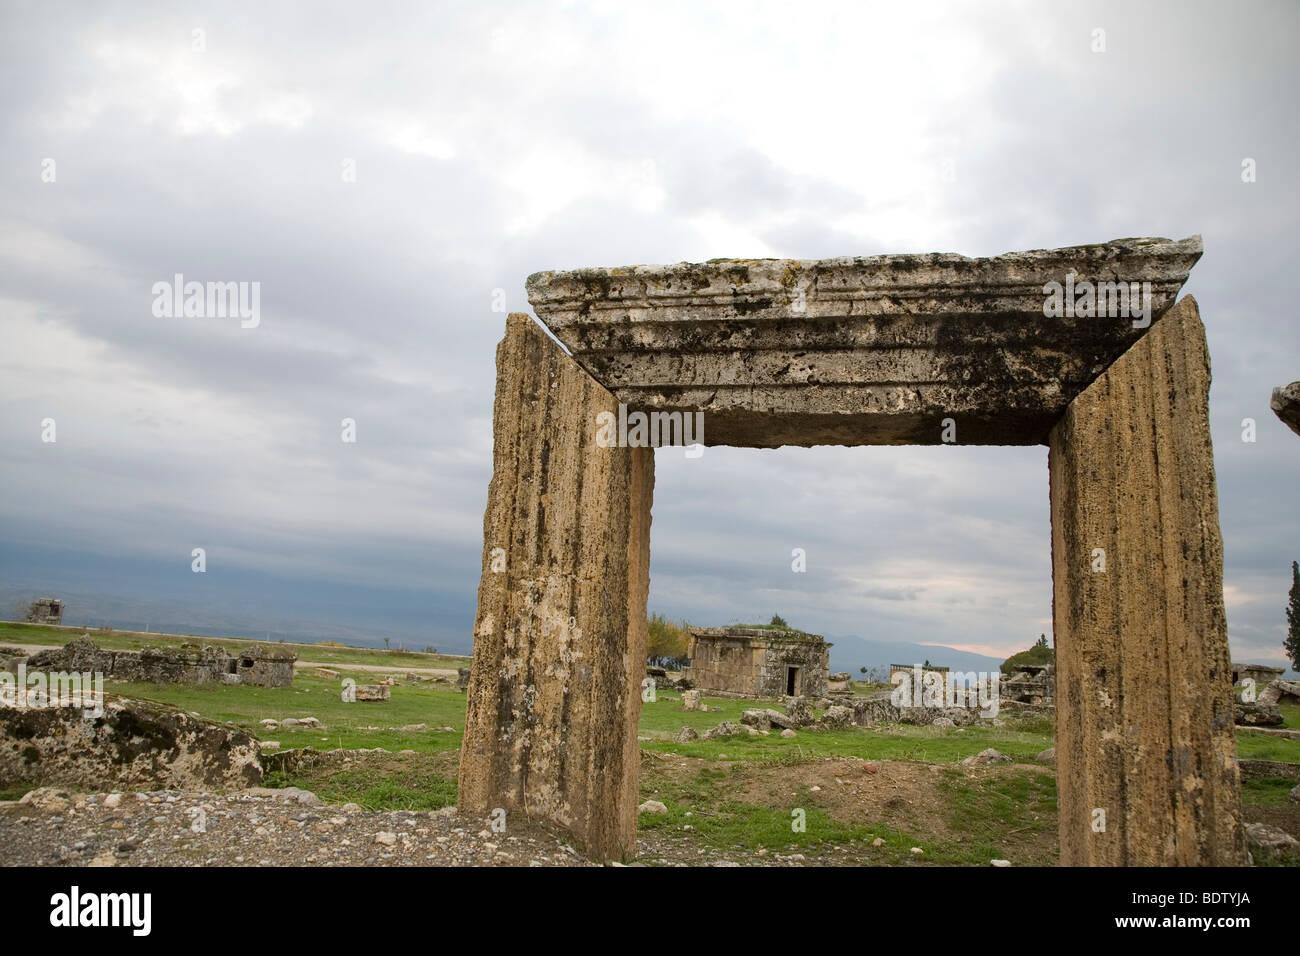 La ville de l'antiquité en Anatolie, excavation archéologique, Turquie Photo Stock